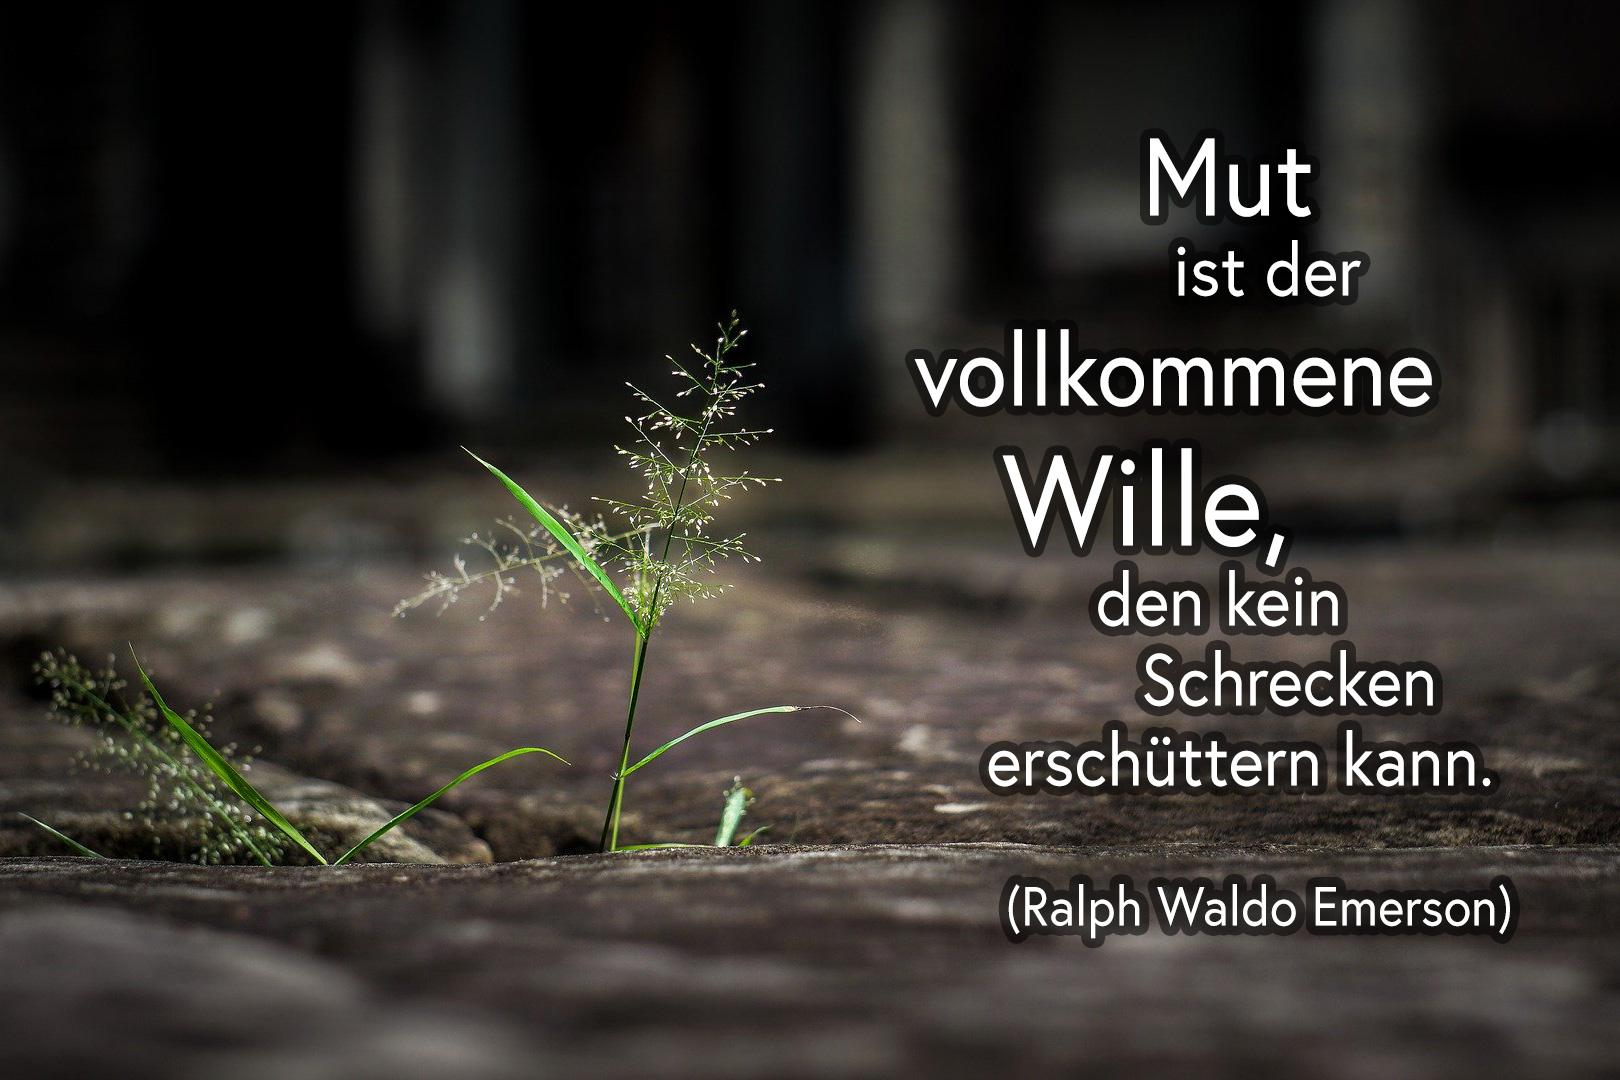 Mut ist der vollkommene Wille, den kein Schrecken erschüttern kann - Ralph Waldo Emerson